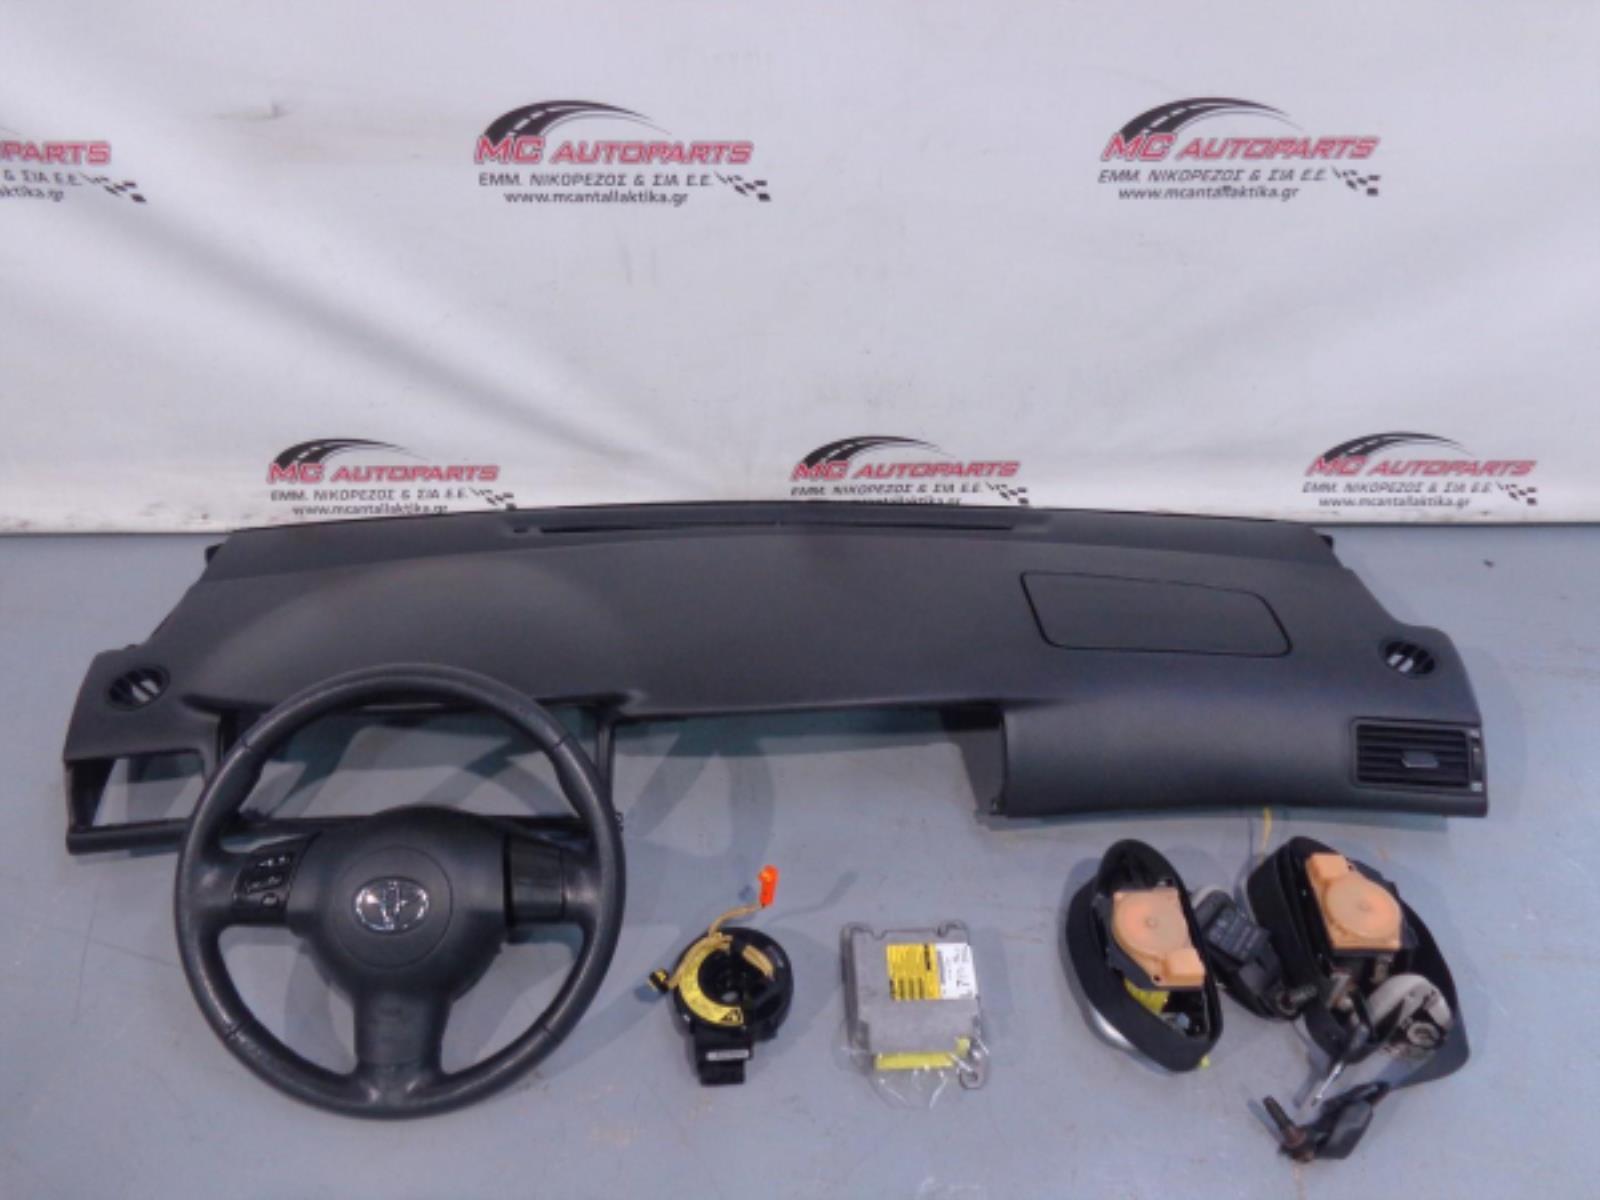 Εικόνα από Αερόσακος  Set  TOYOTA COROLLA (2002-2007)     οδηγού με τιμόνι, ταμπλό με συνοδηγού, ζώνες, ταινια, εγκέφαλος